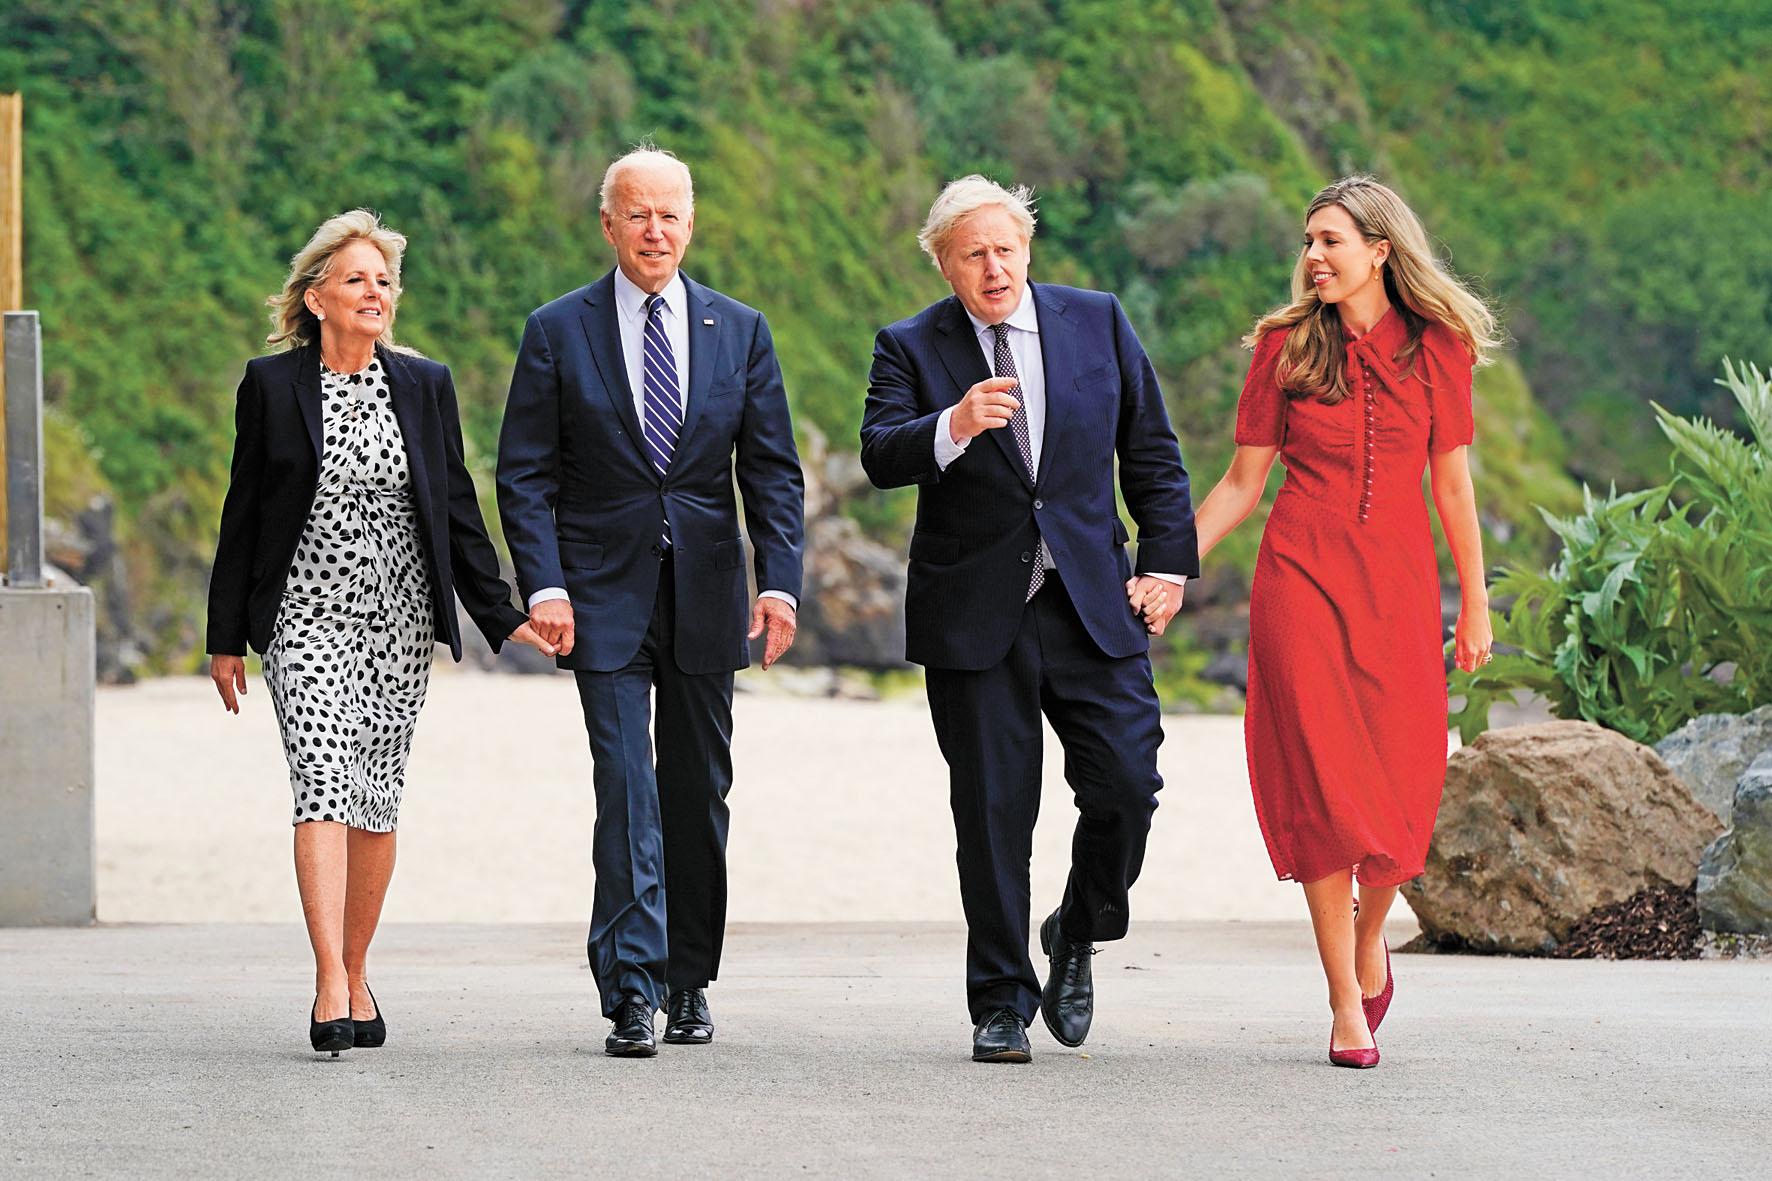 英國首相約翰遜夫婦(右二及右一)10日在英格蘭度假勝地卡比斯灣,歡迎美國總統拜登及夫人吉爾(左二及左一)。美聯社